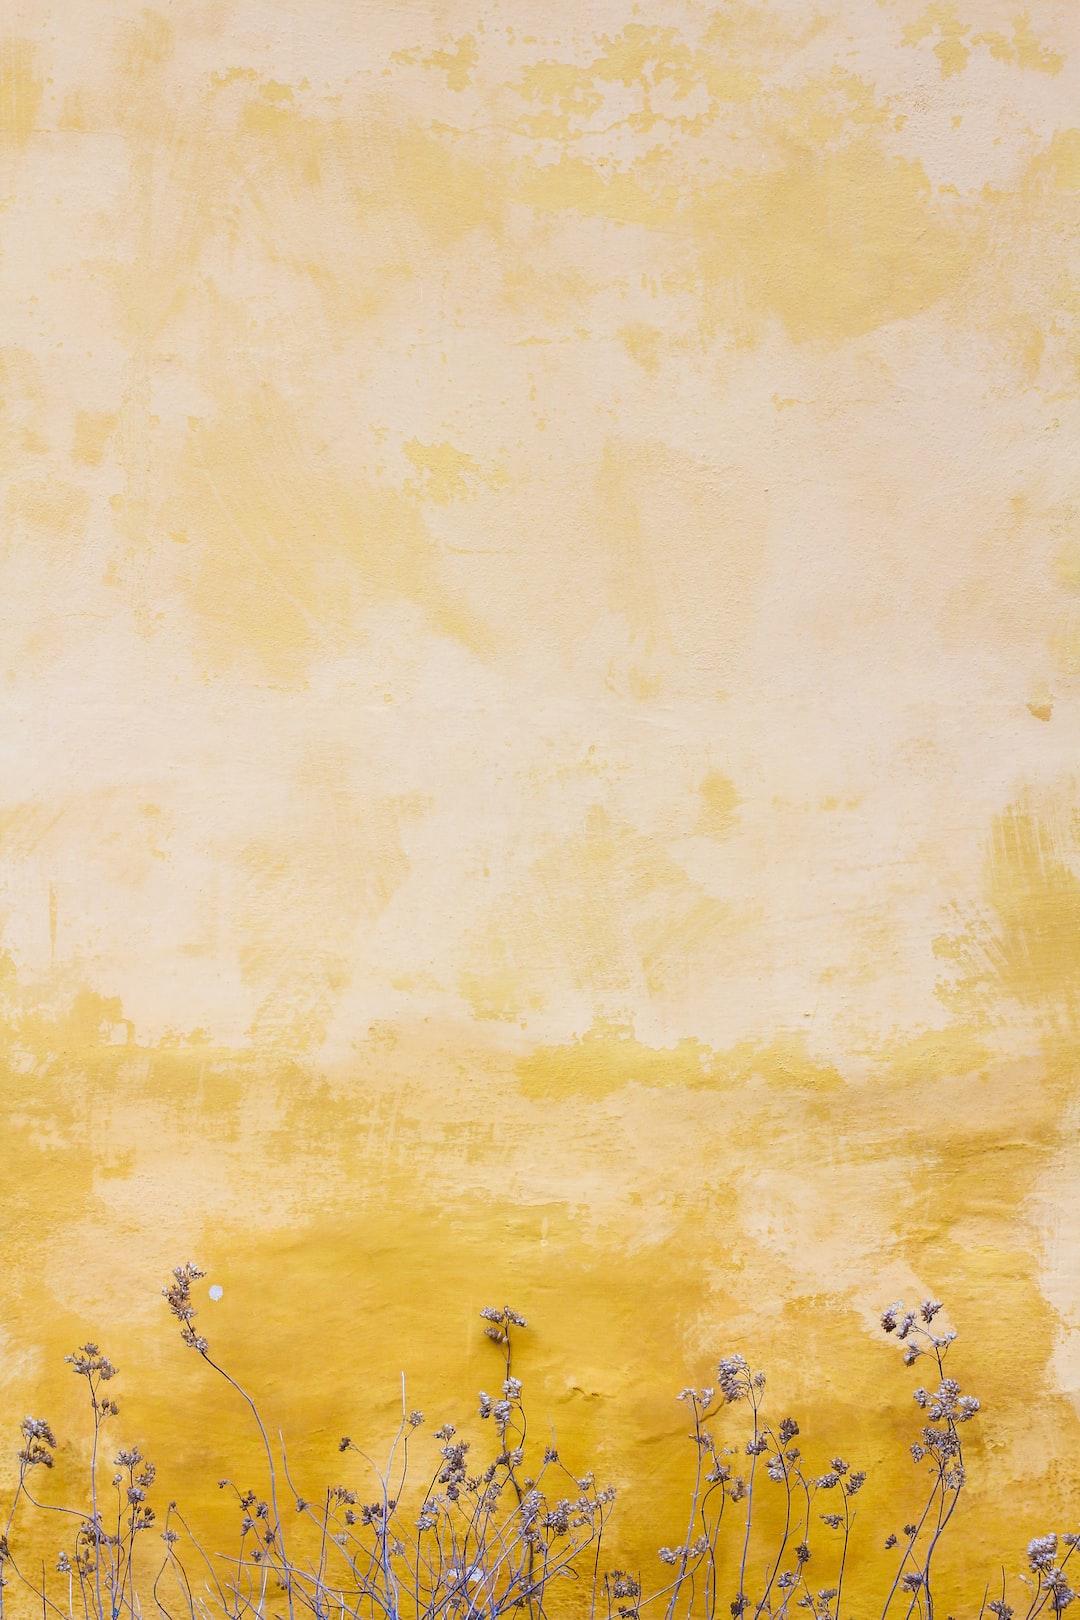 Yellow Wallpapers Free Hd Download 500 Hq Unsplash Blue and yellow aesthetic wallpapers wallpaper cave. unsplash